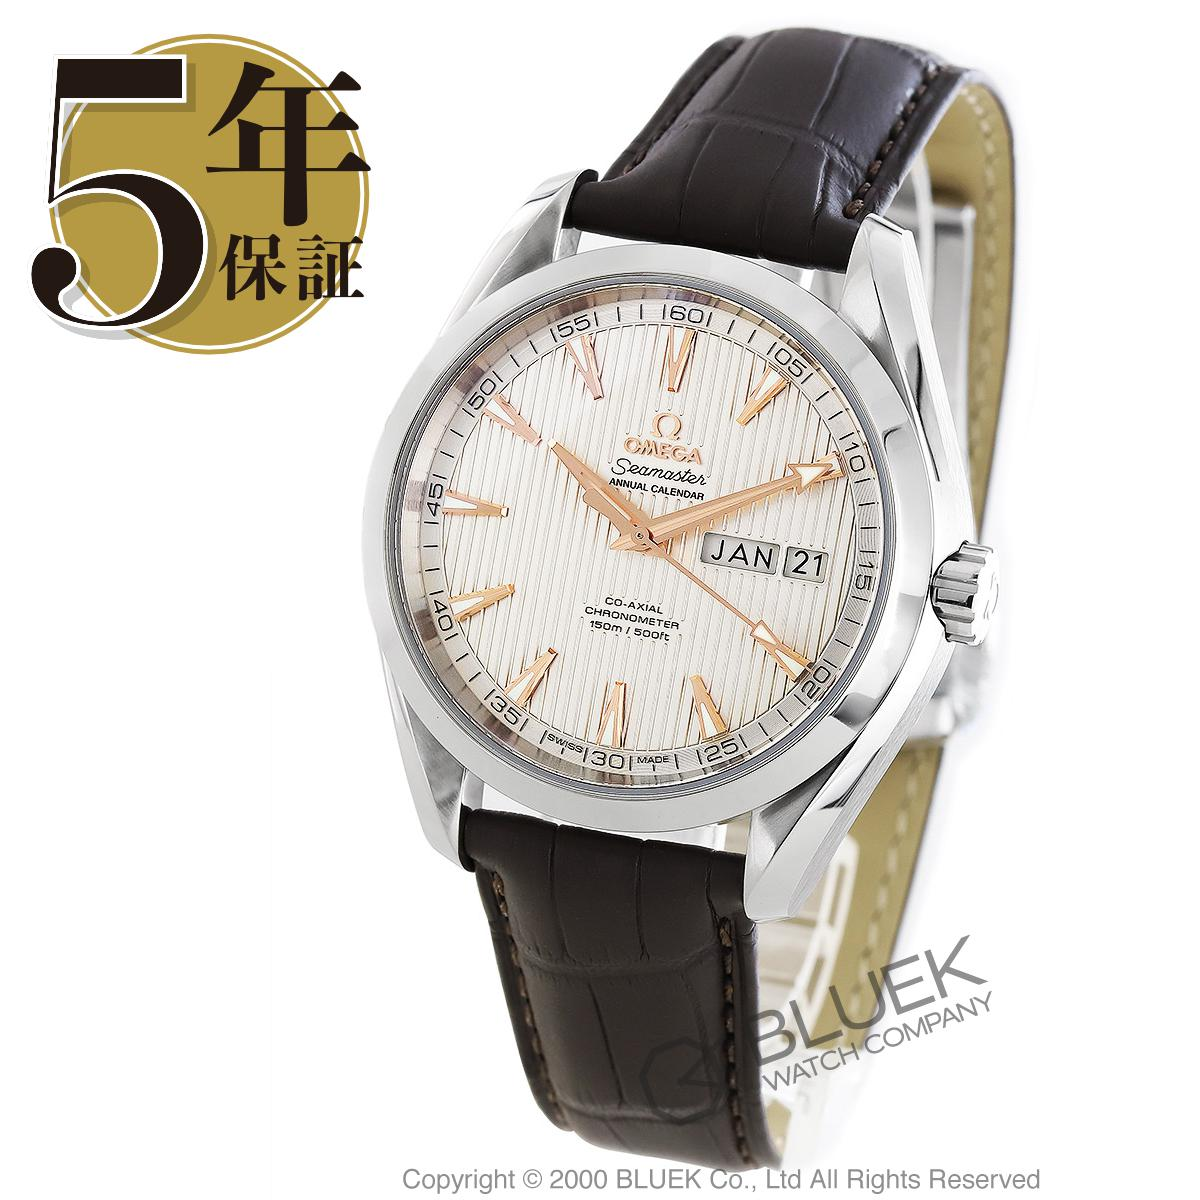 オメガ シーマスター アクアテラ アニュアルカレンダー アリゲーターレザー 腕時計 メンズ OMEGA 231.13.43.22.02.003_5